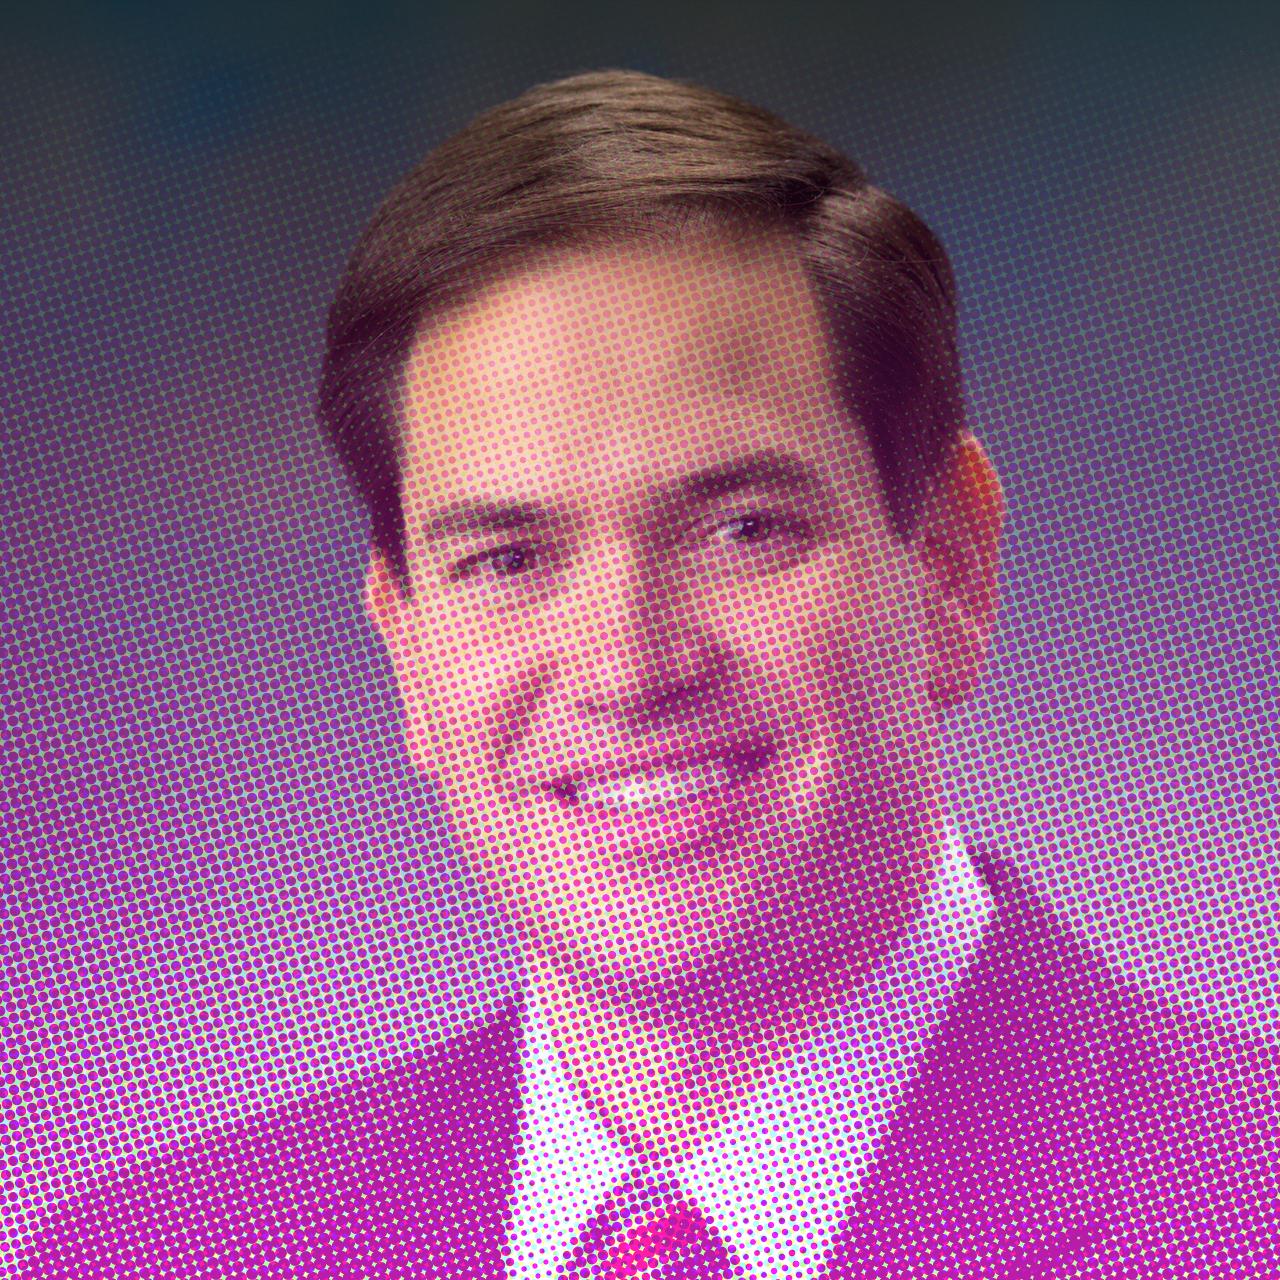 Marco Rubio (R-FL)$3,303,355* - Tweet a box